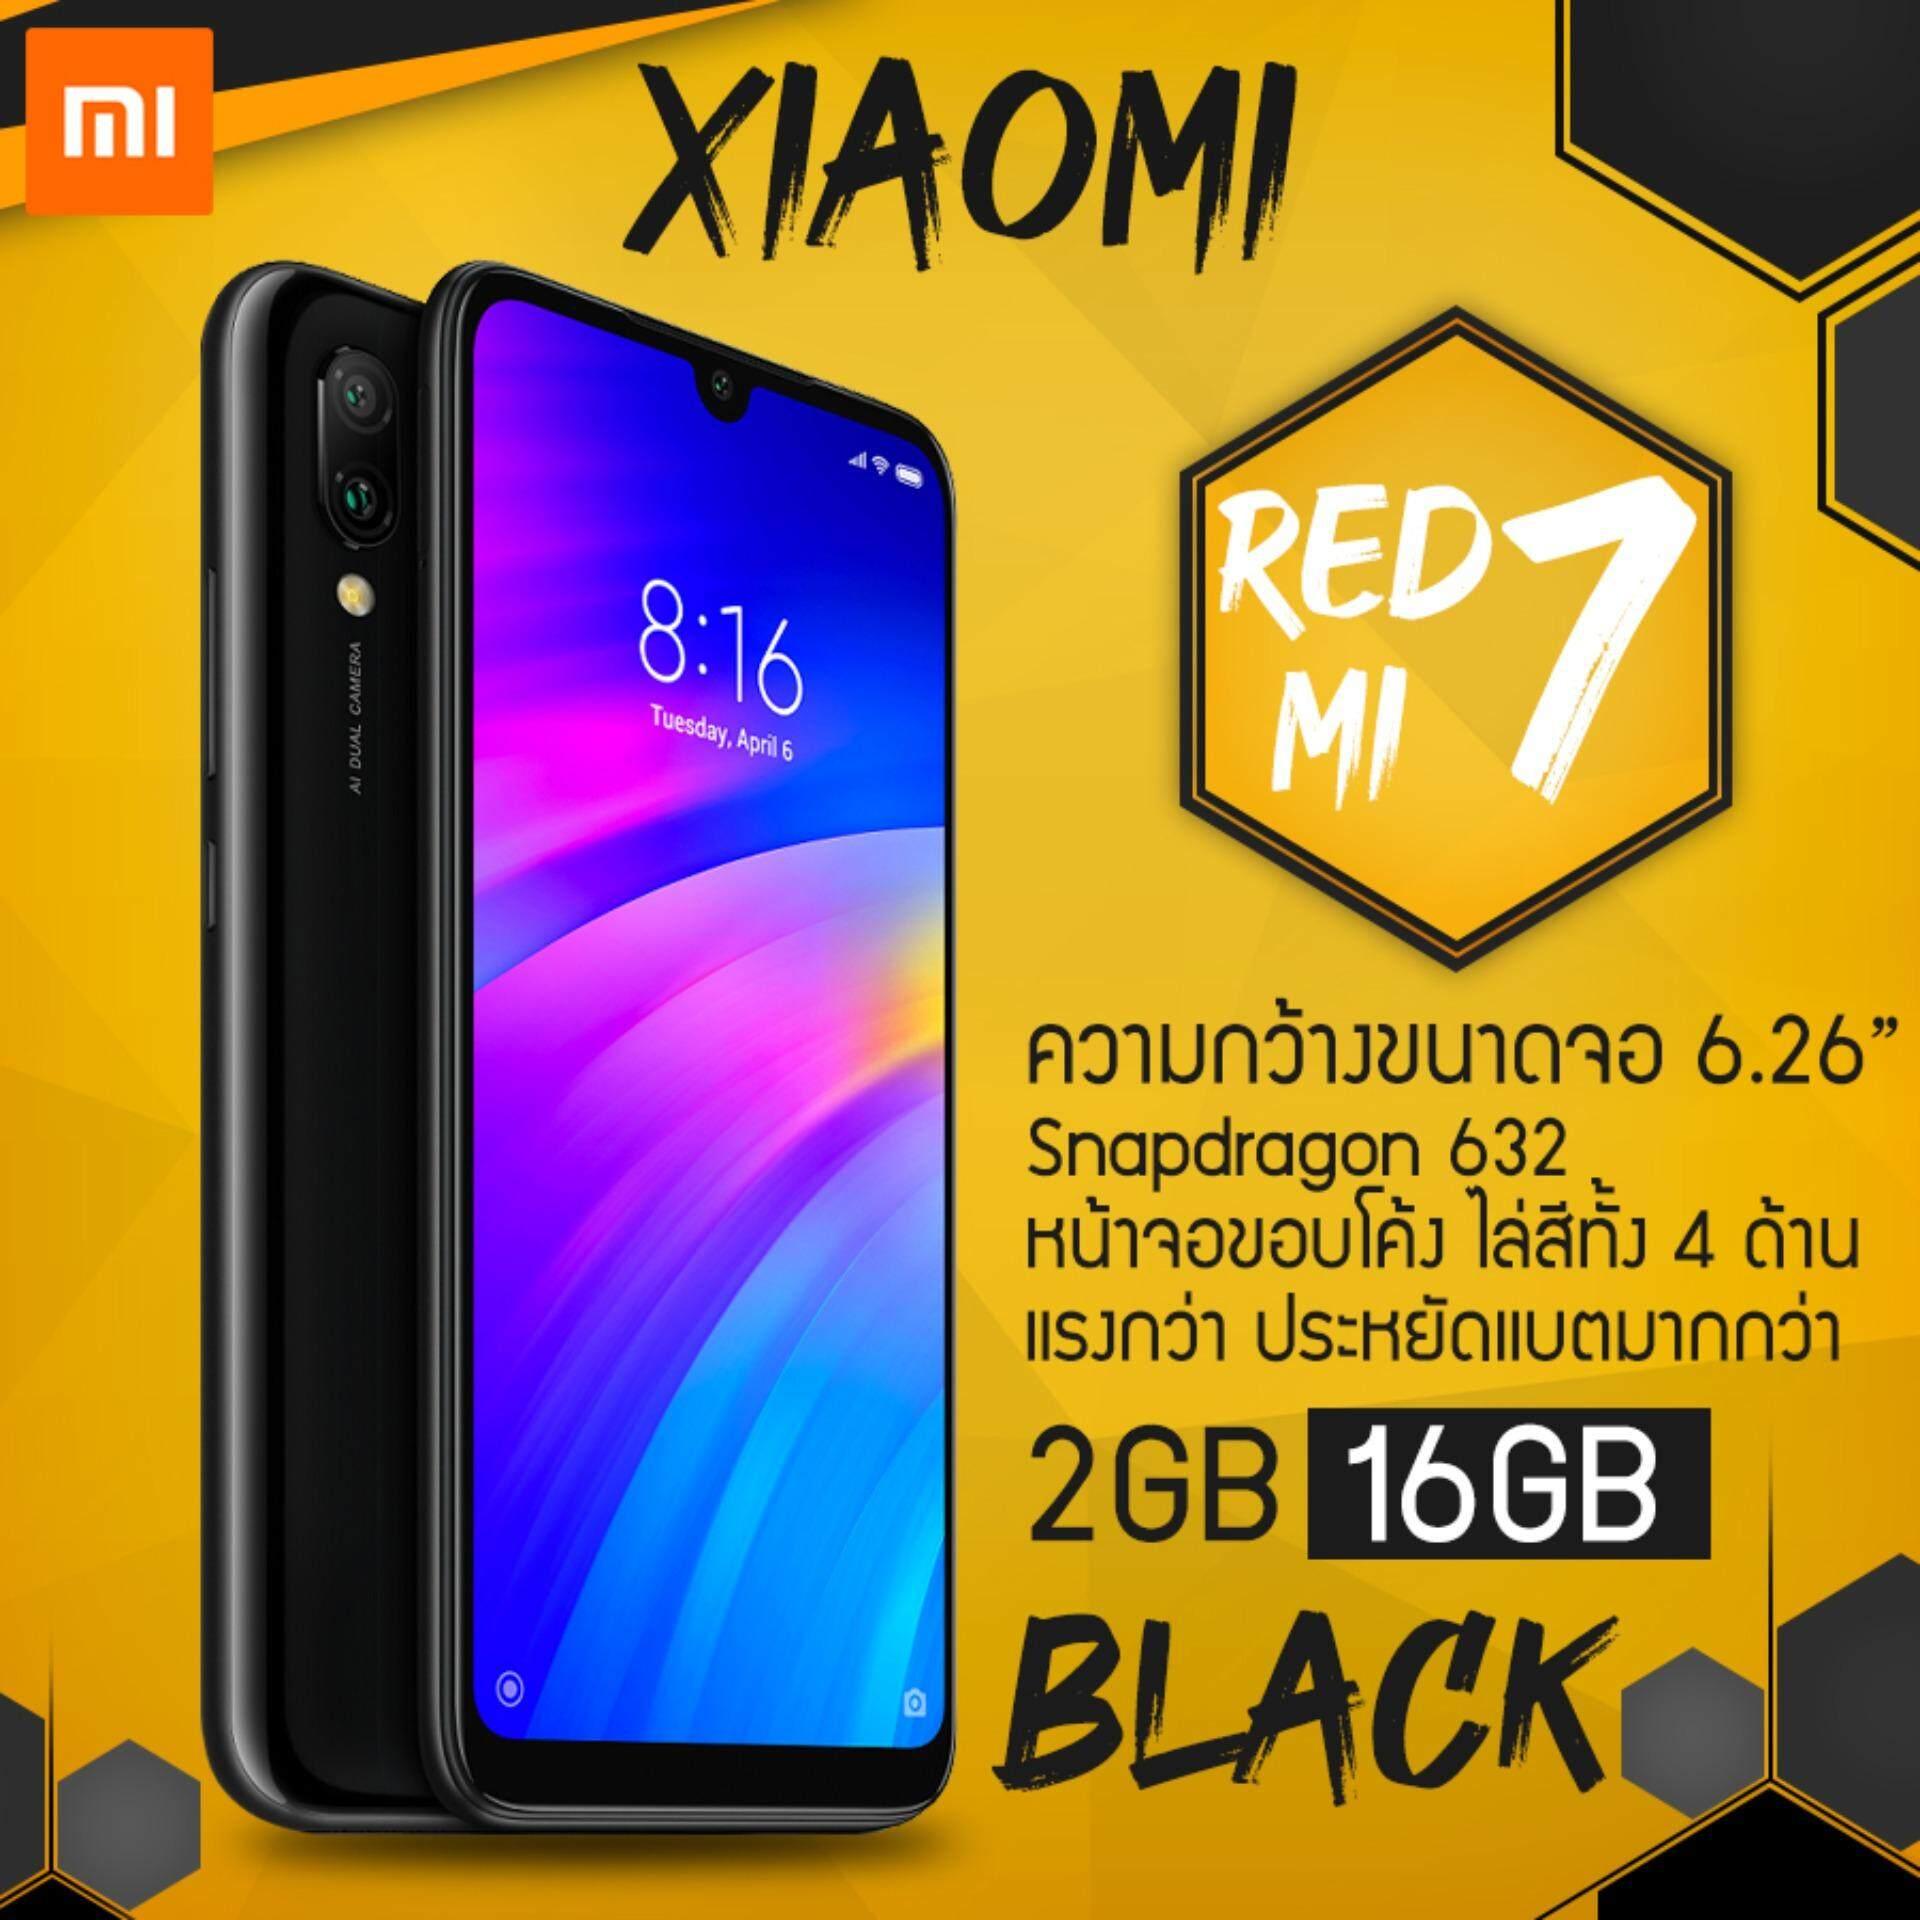 ยี่ห้อนี้ดีไหม  บึงกาฬ [Global Version] Xiaomi Redmi 7 (2/16GB) 6.26